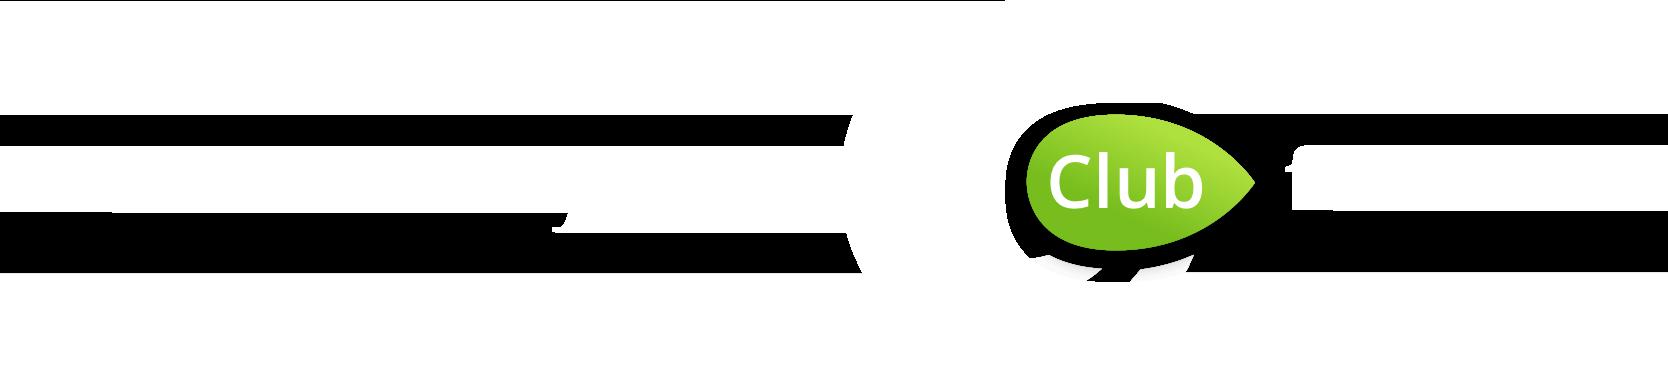 club-banner-logo-home@2x